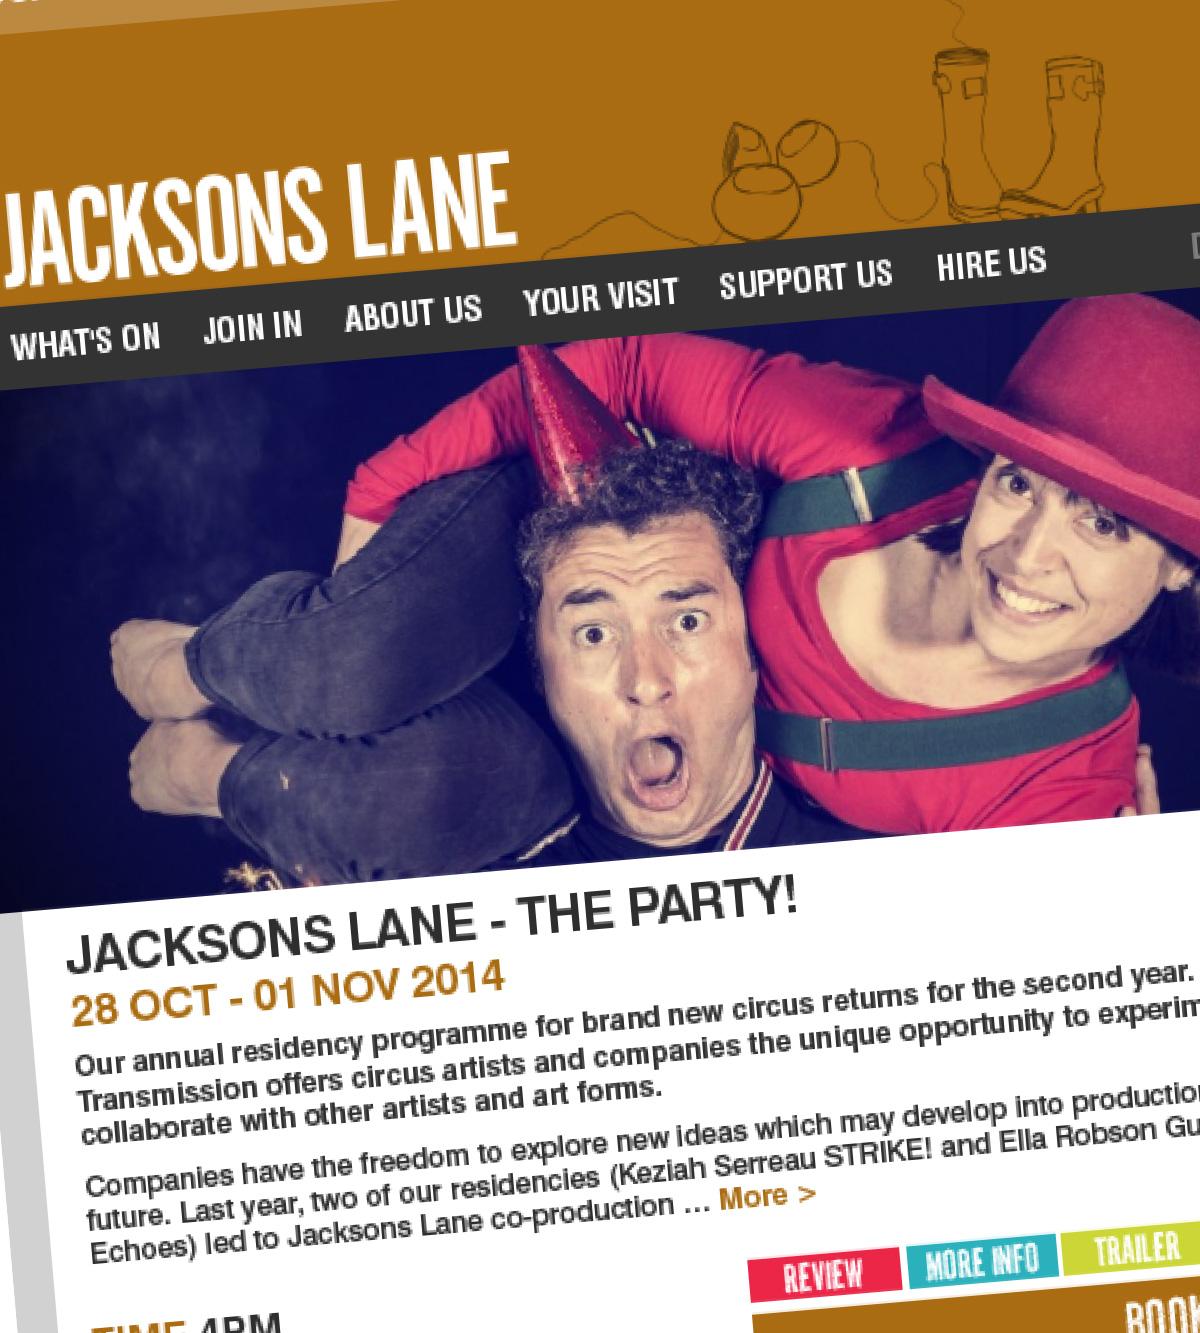 Jacksons Lane